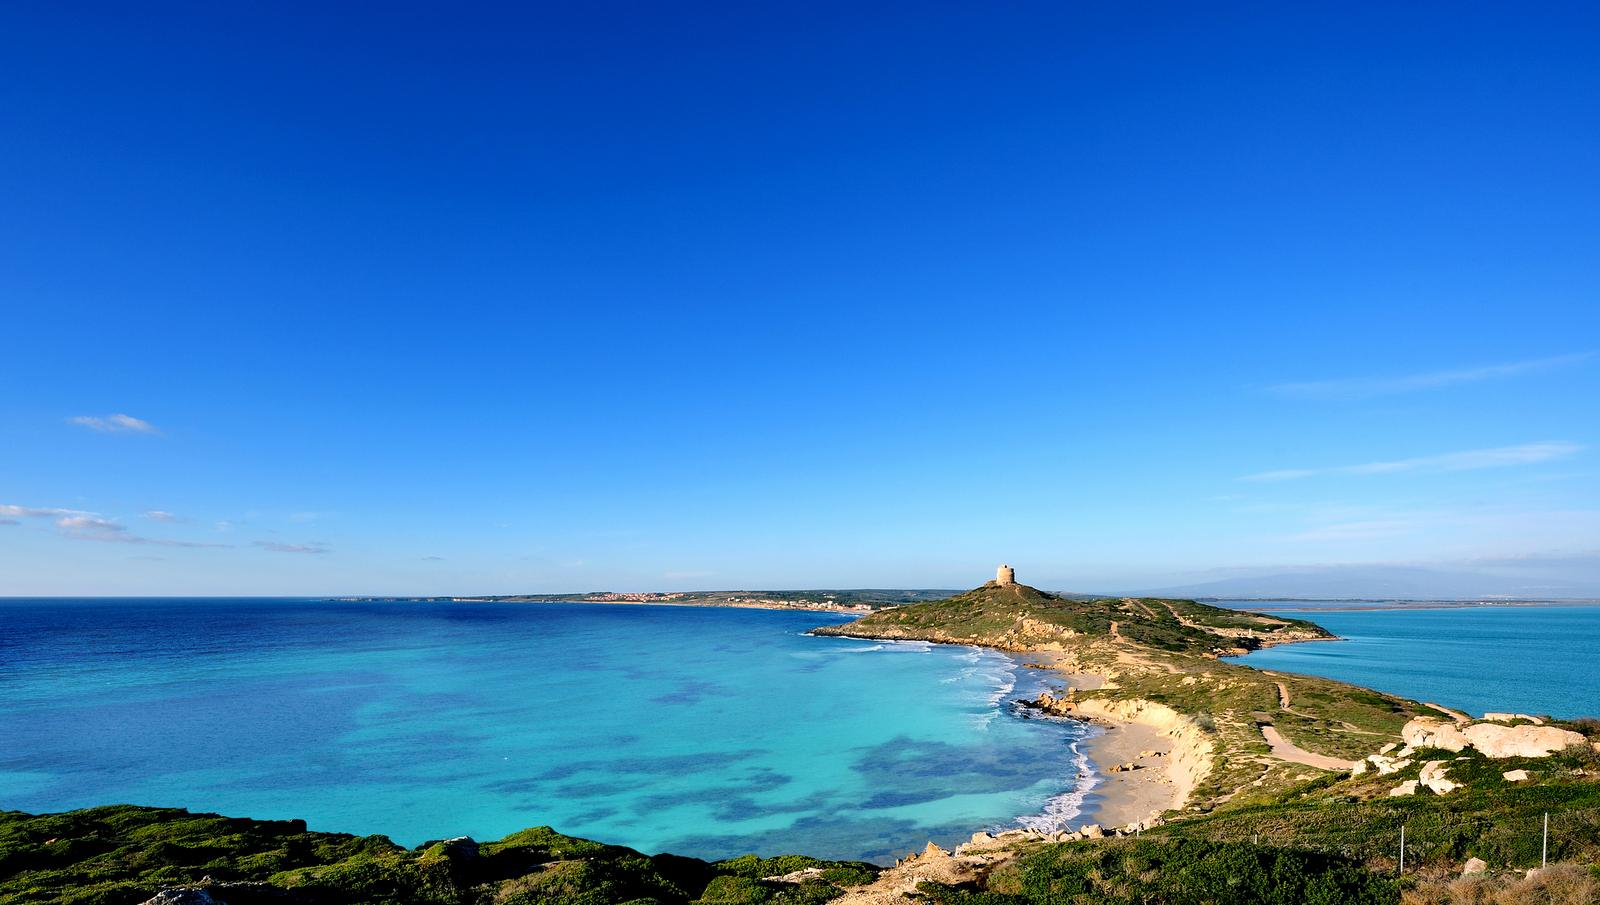 Nieddittas scelta da Med Sea come esempio di best practices per la gestione e salvaguardia dell'ambiente.